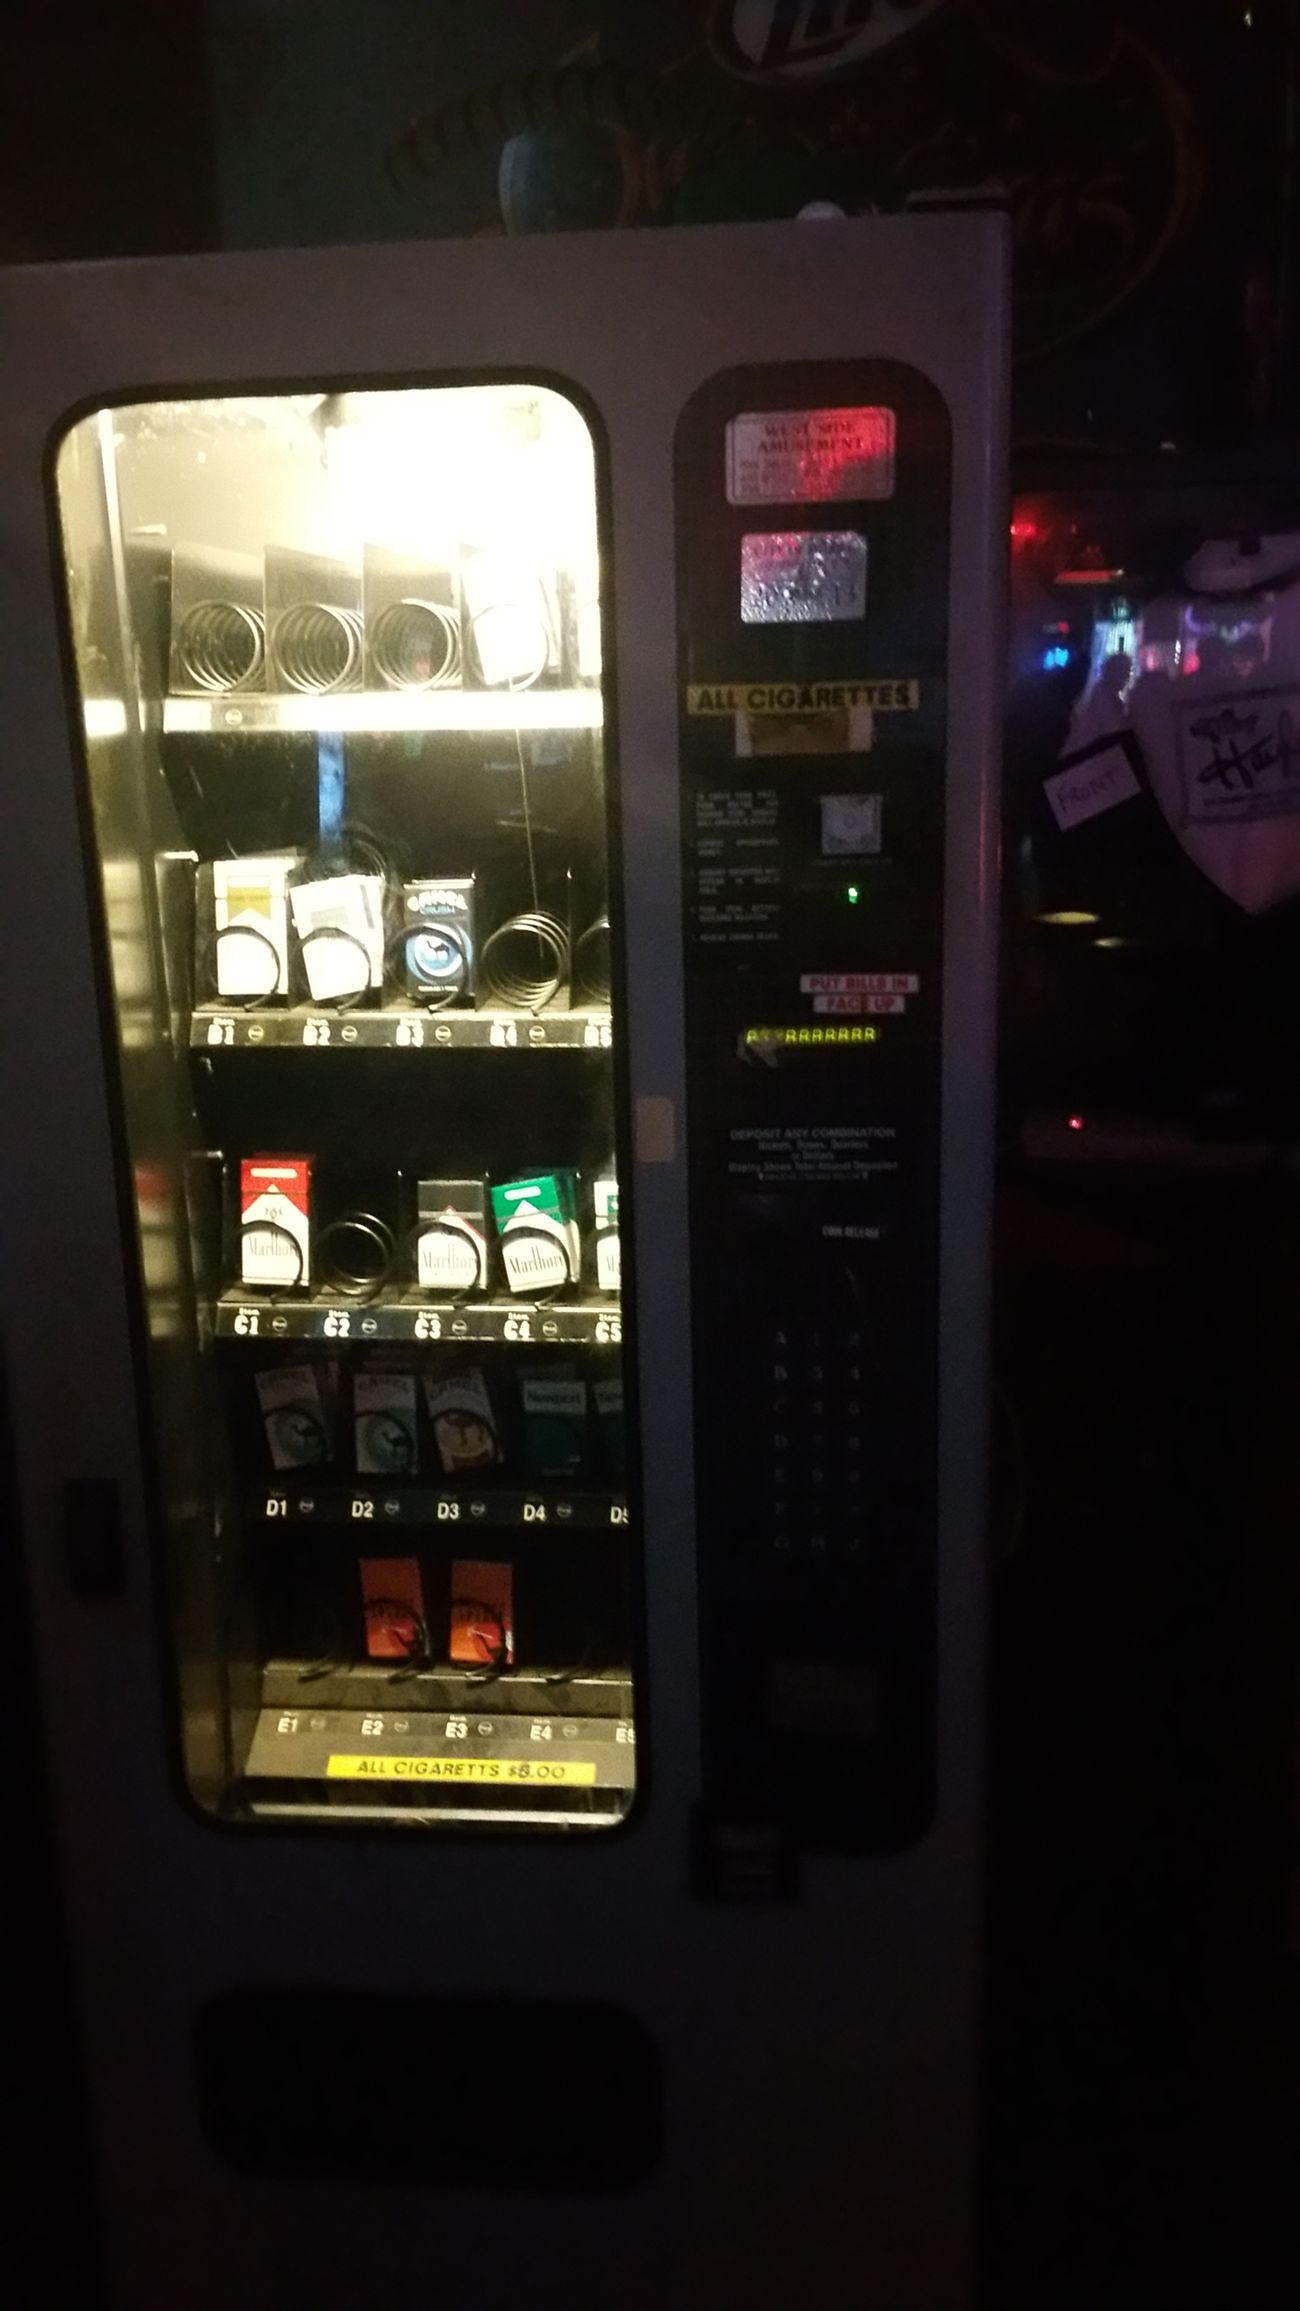 Bar On The Road cigarette vending machine Have No Idea Mobiel